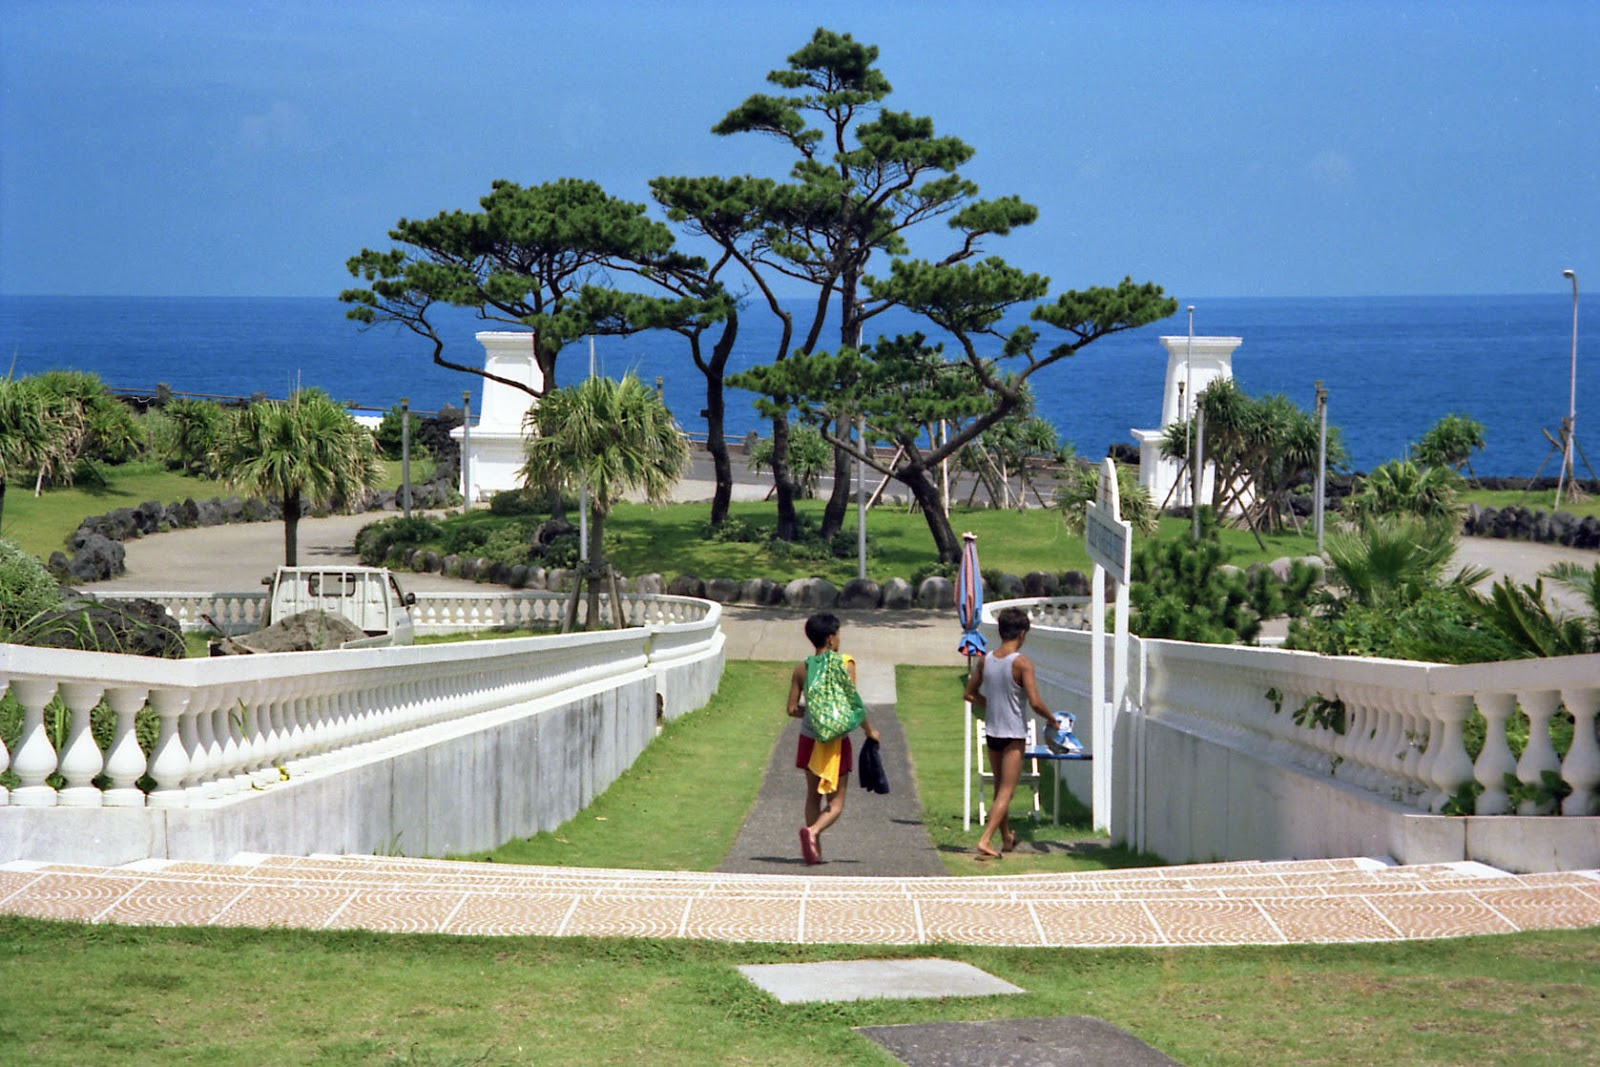 八丈島,ホテル,前庭,海,オーシャンビュー〈著作権フリー無料画像〉Free Stock Photos